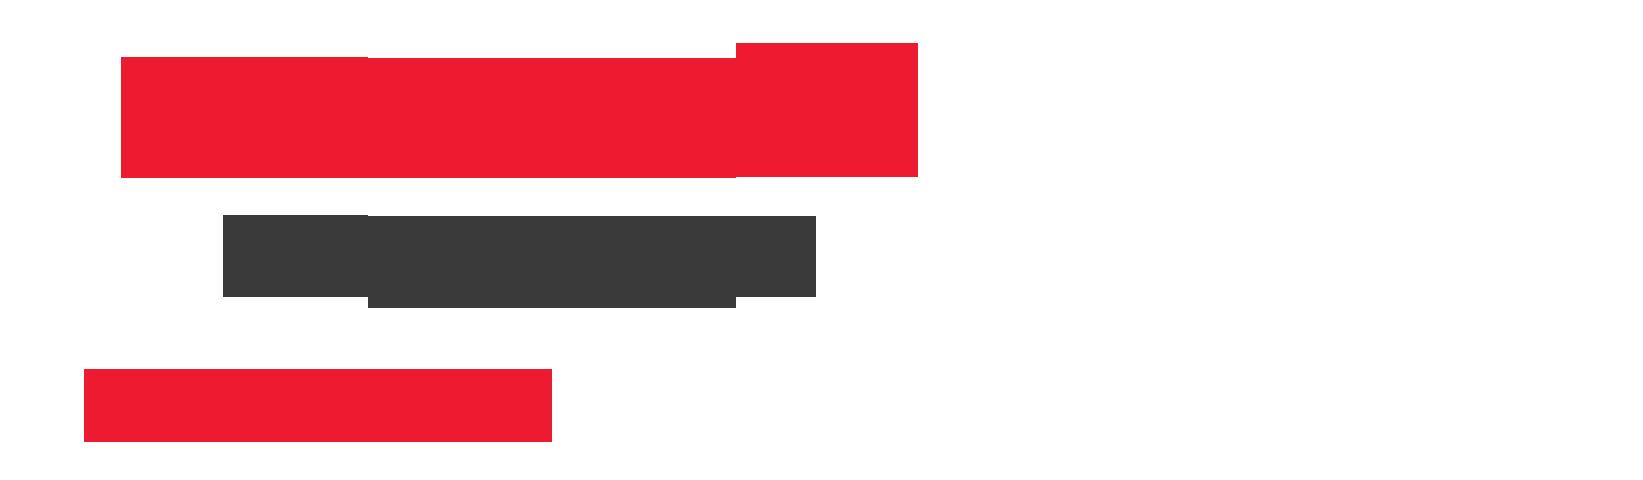 Legenda cega: Curso de férias - Universidade Aberta do Tempo Útil - Inscrições Abertas!